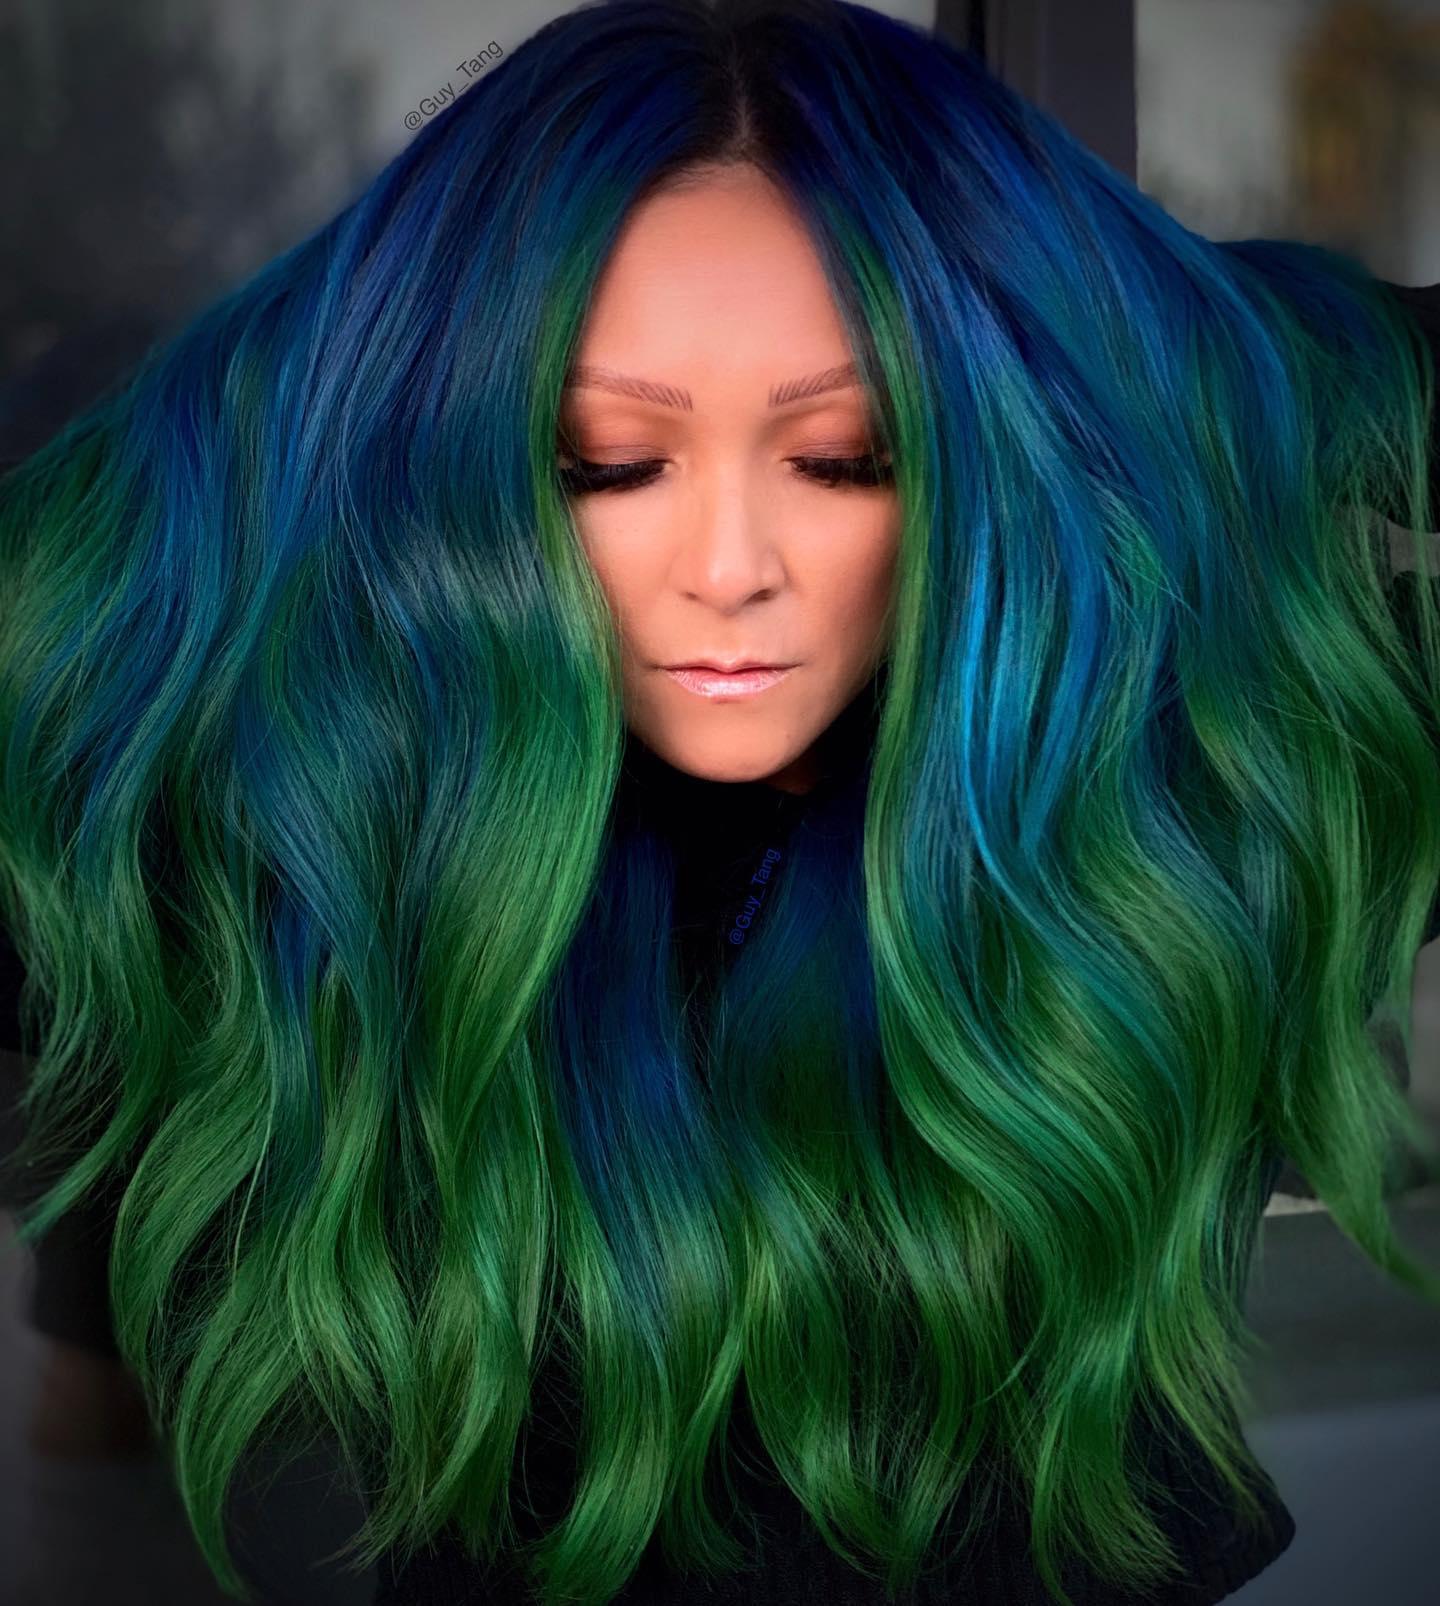 capelli colorati verdi e azzurri